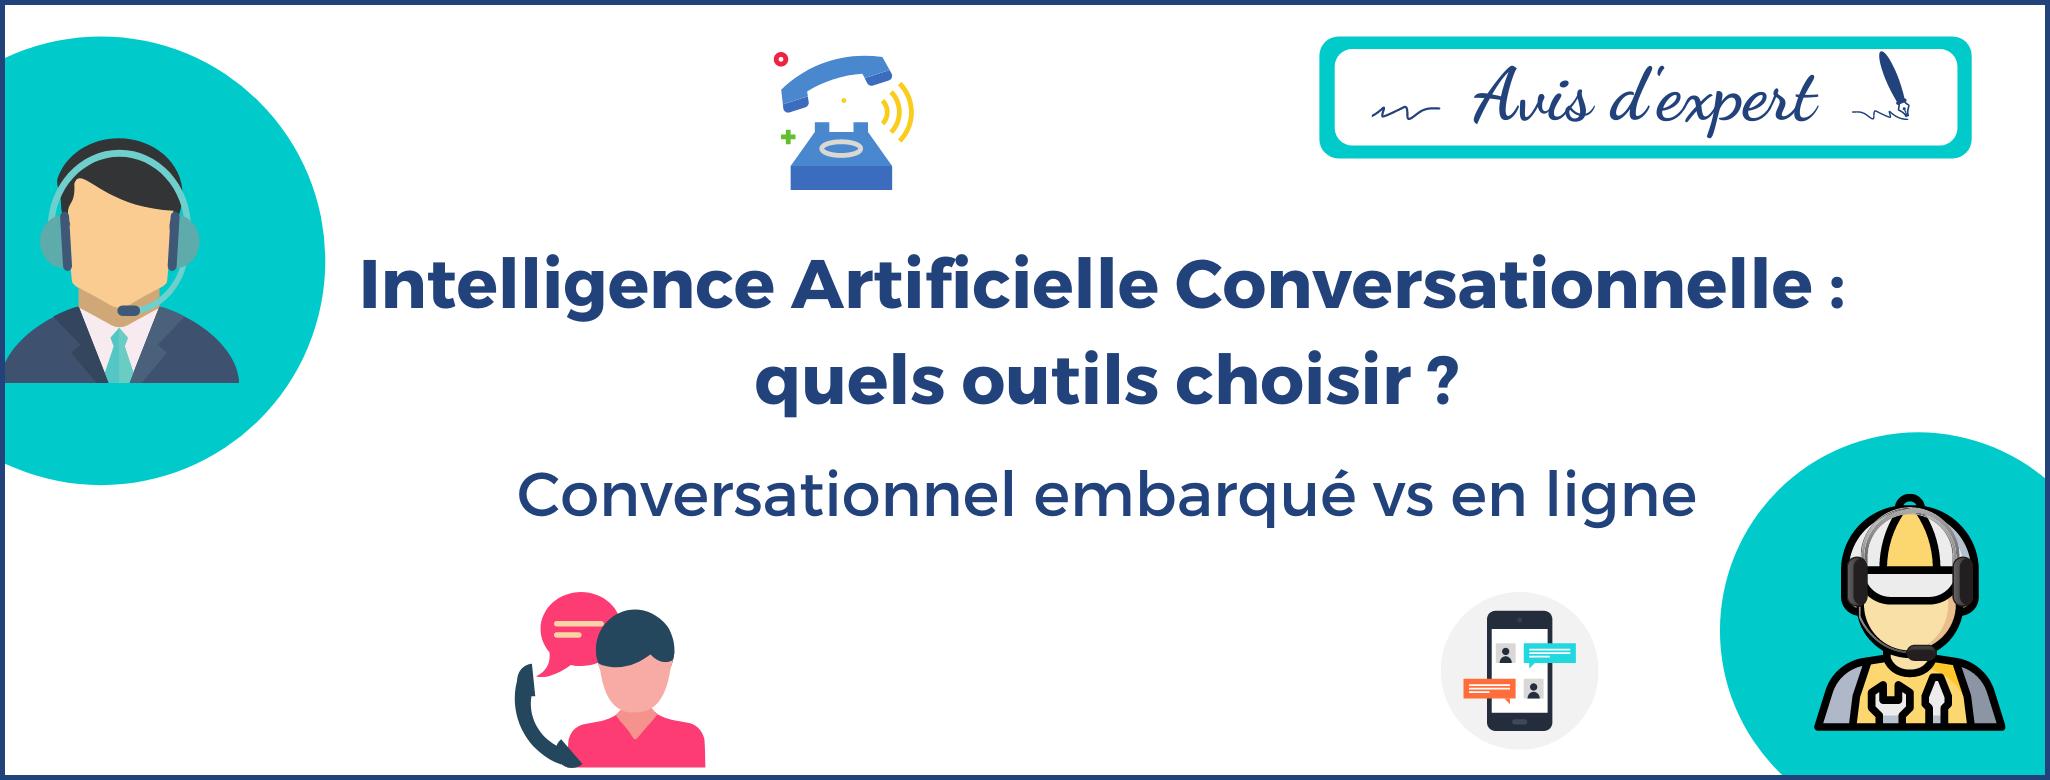 IA Conversationnelle : quels outils choisir ?